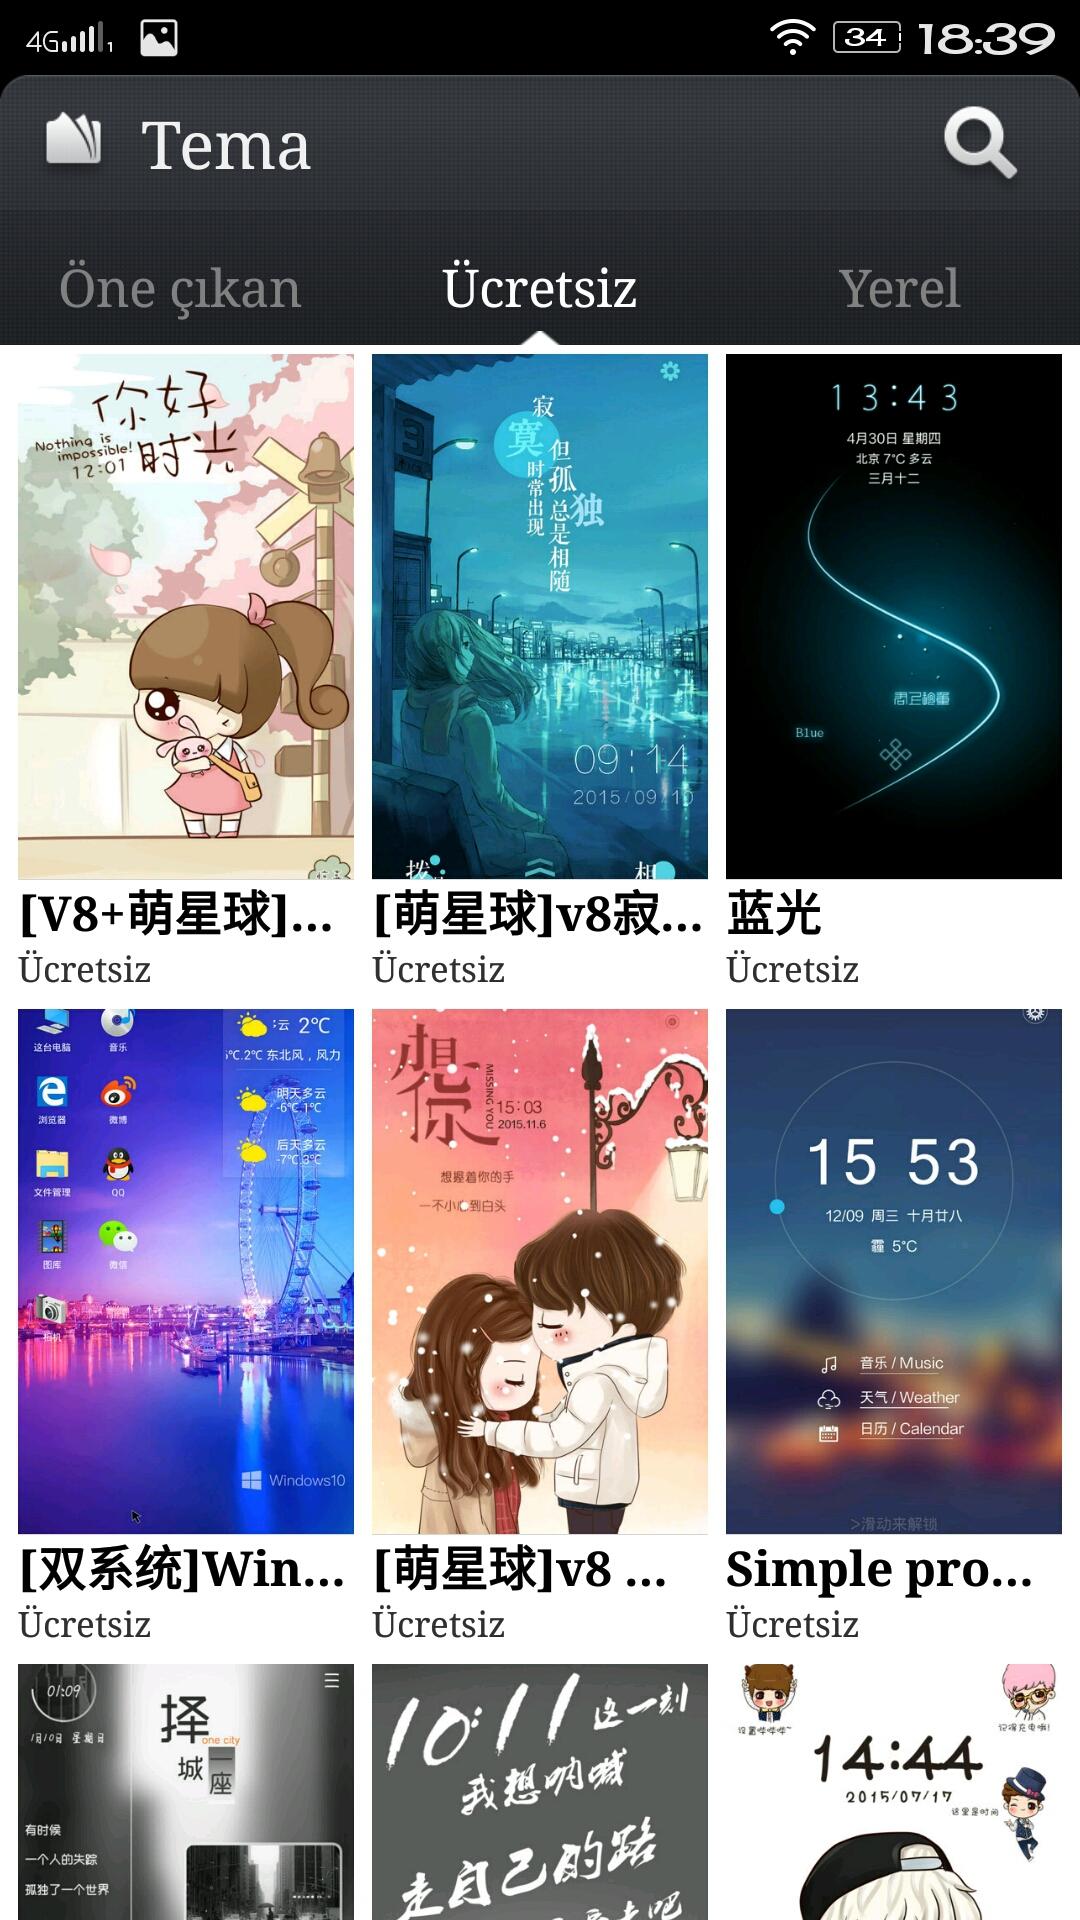 screenshot_2016-08-11kqrp.jpeg